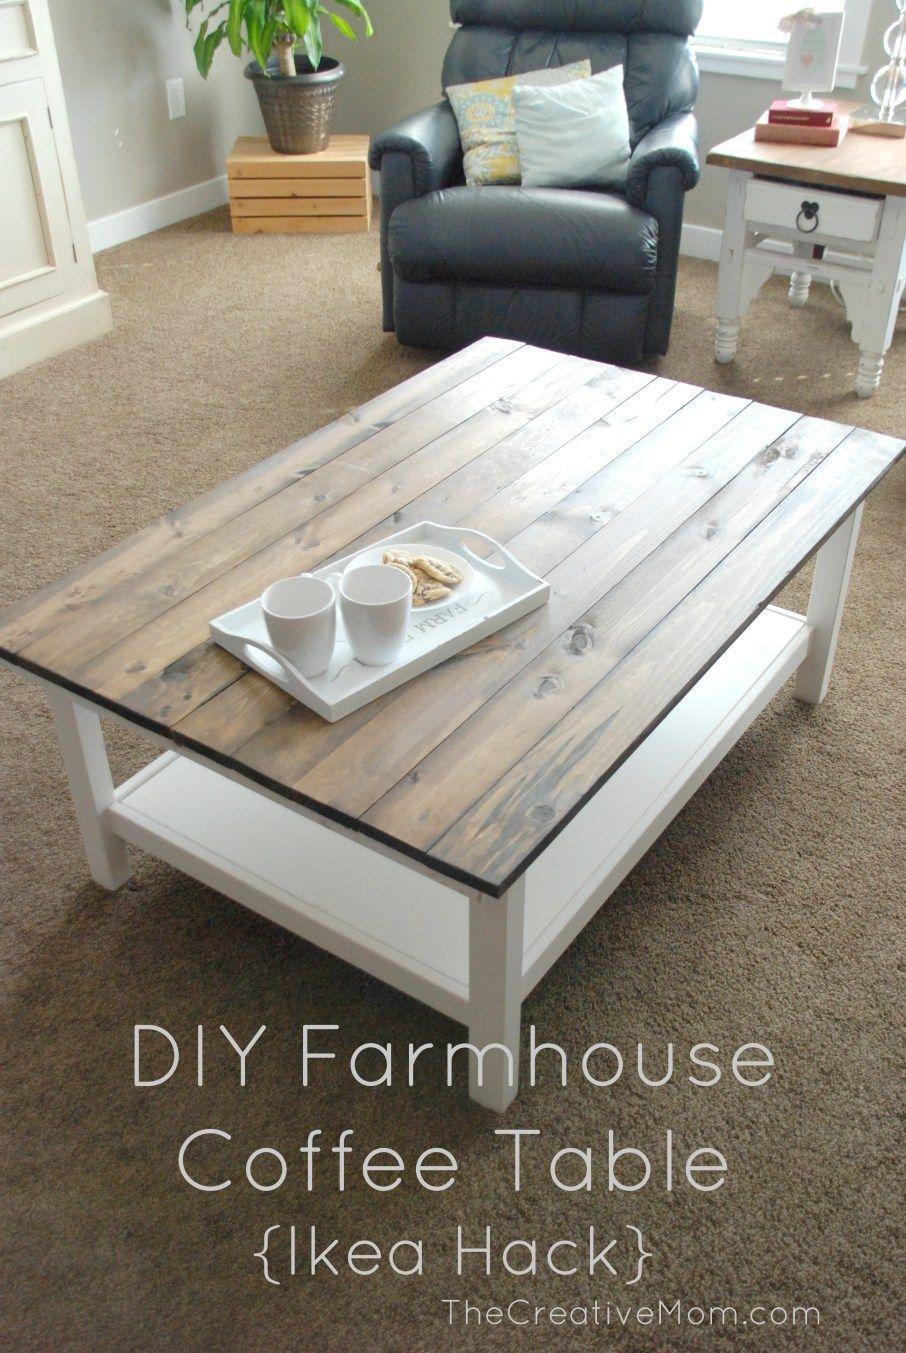 Diy Farmhouse Coffee Table Diy Farmhouse Coffee Table Coffee Table Farmhouse Coffee Table [ 1353 x 906 Pixel ]